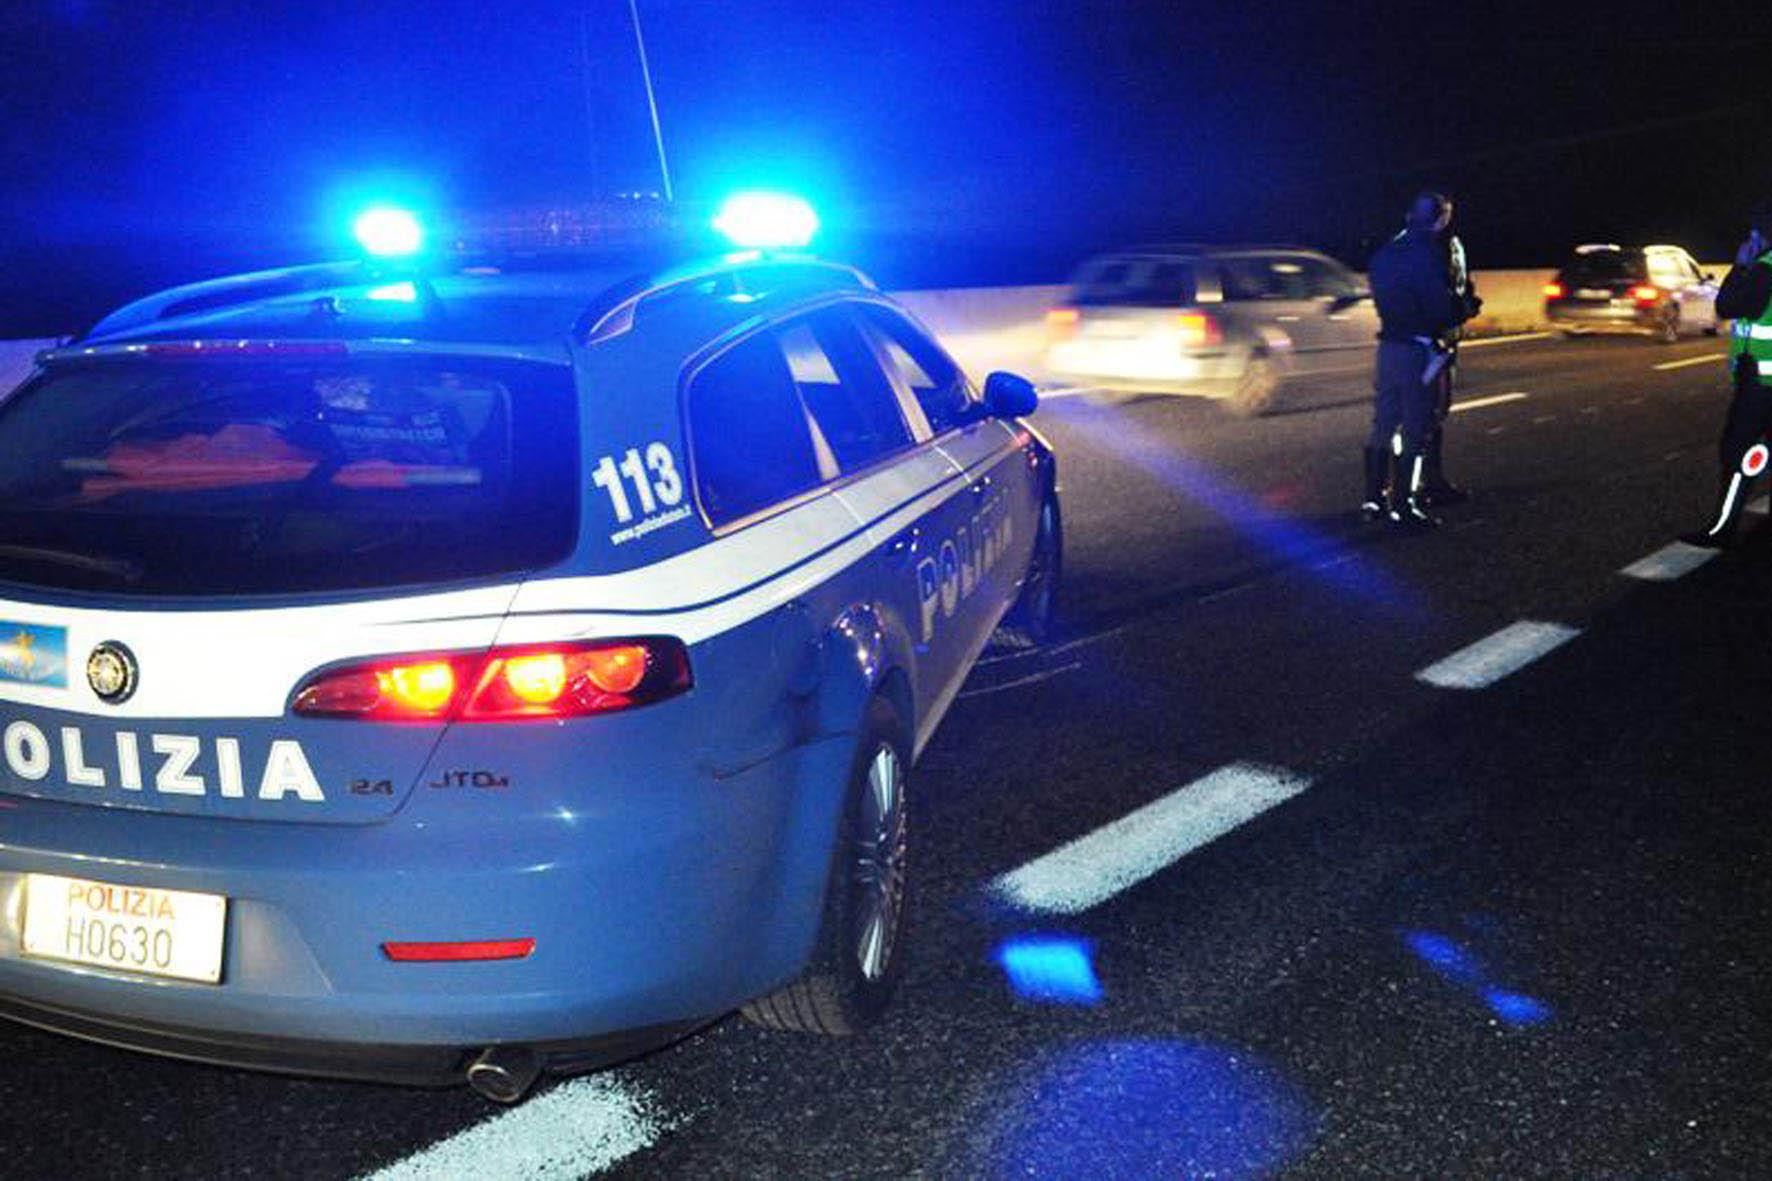 Donna ferita alla nuca con colpo di pistola: polizia indaga